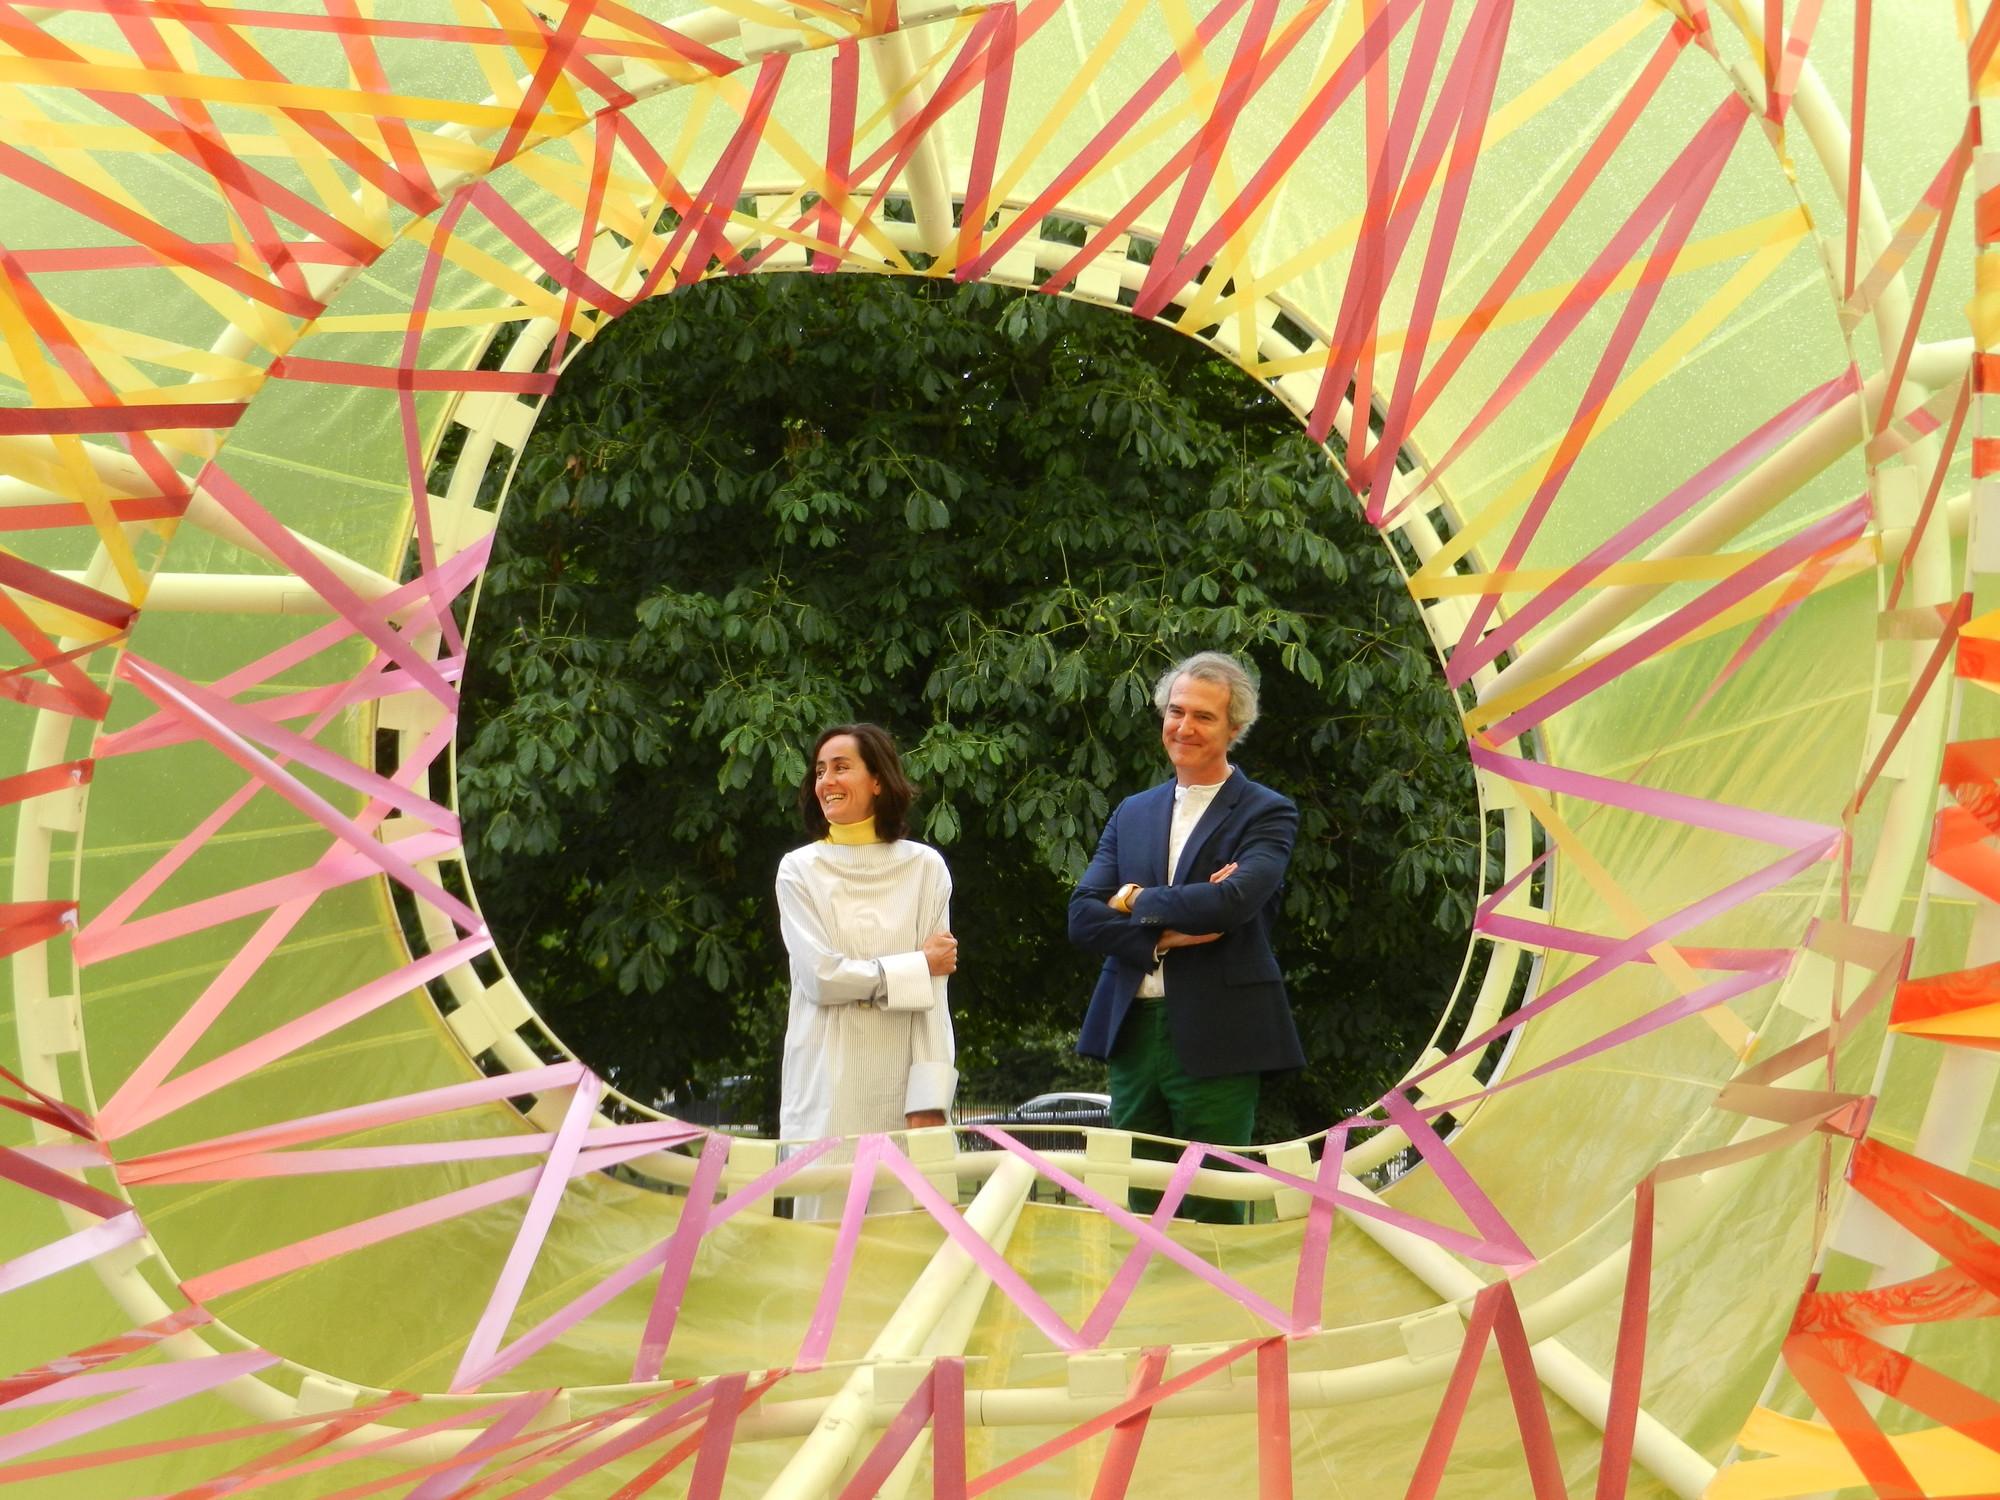 Se inaugura el pabellón Serpentine Gallery 2015 diseñado por SelgasCano, © Daniel Portilla